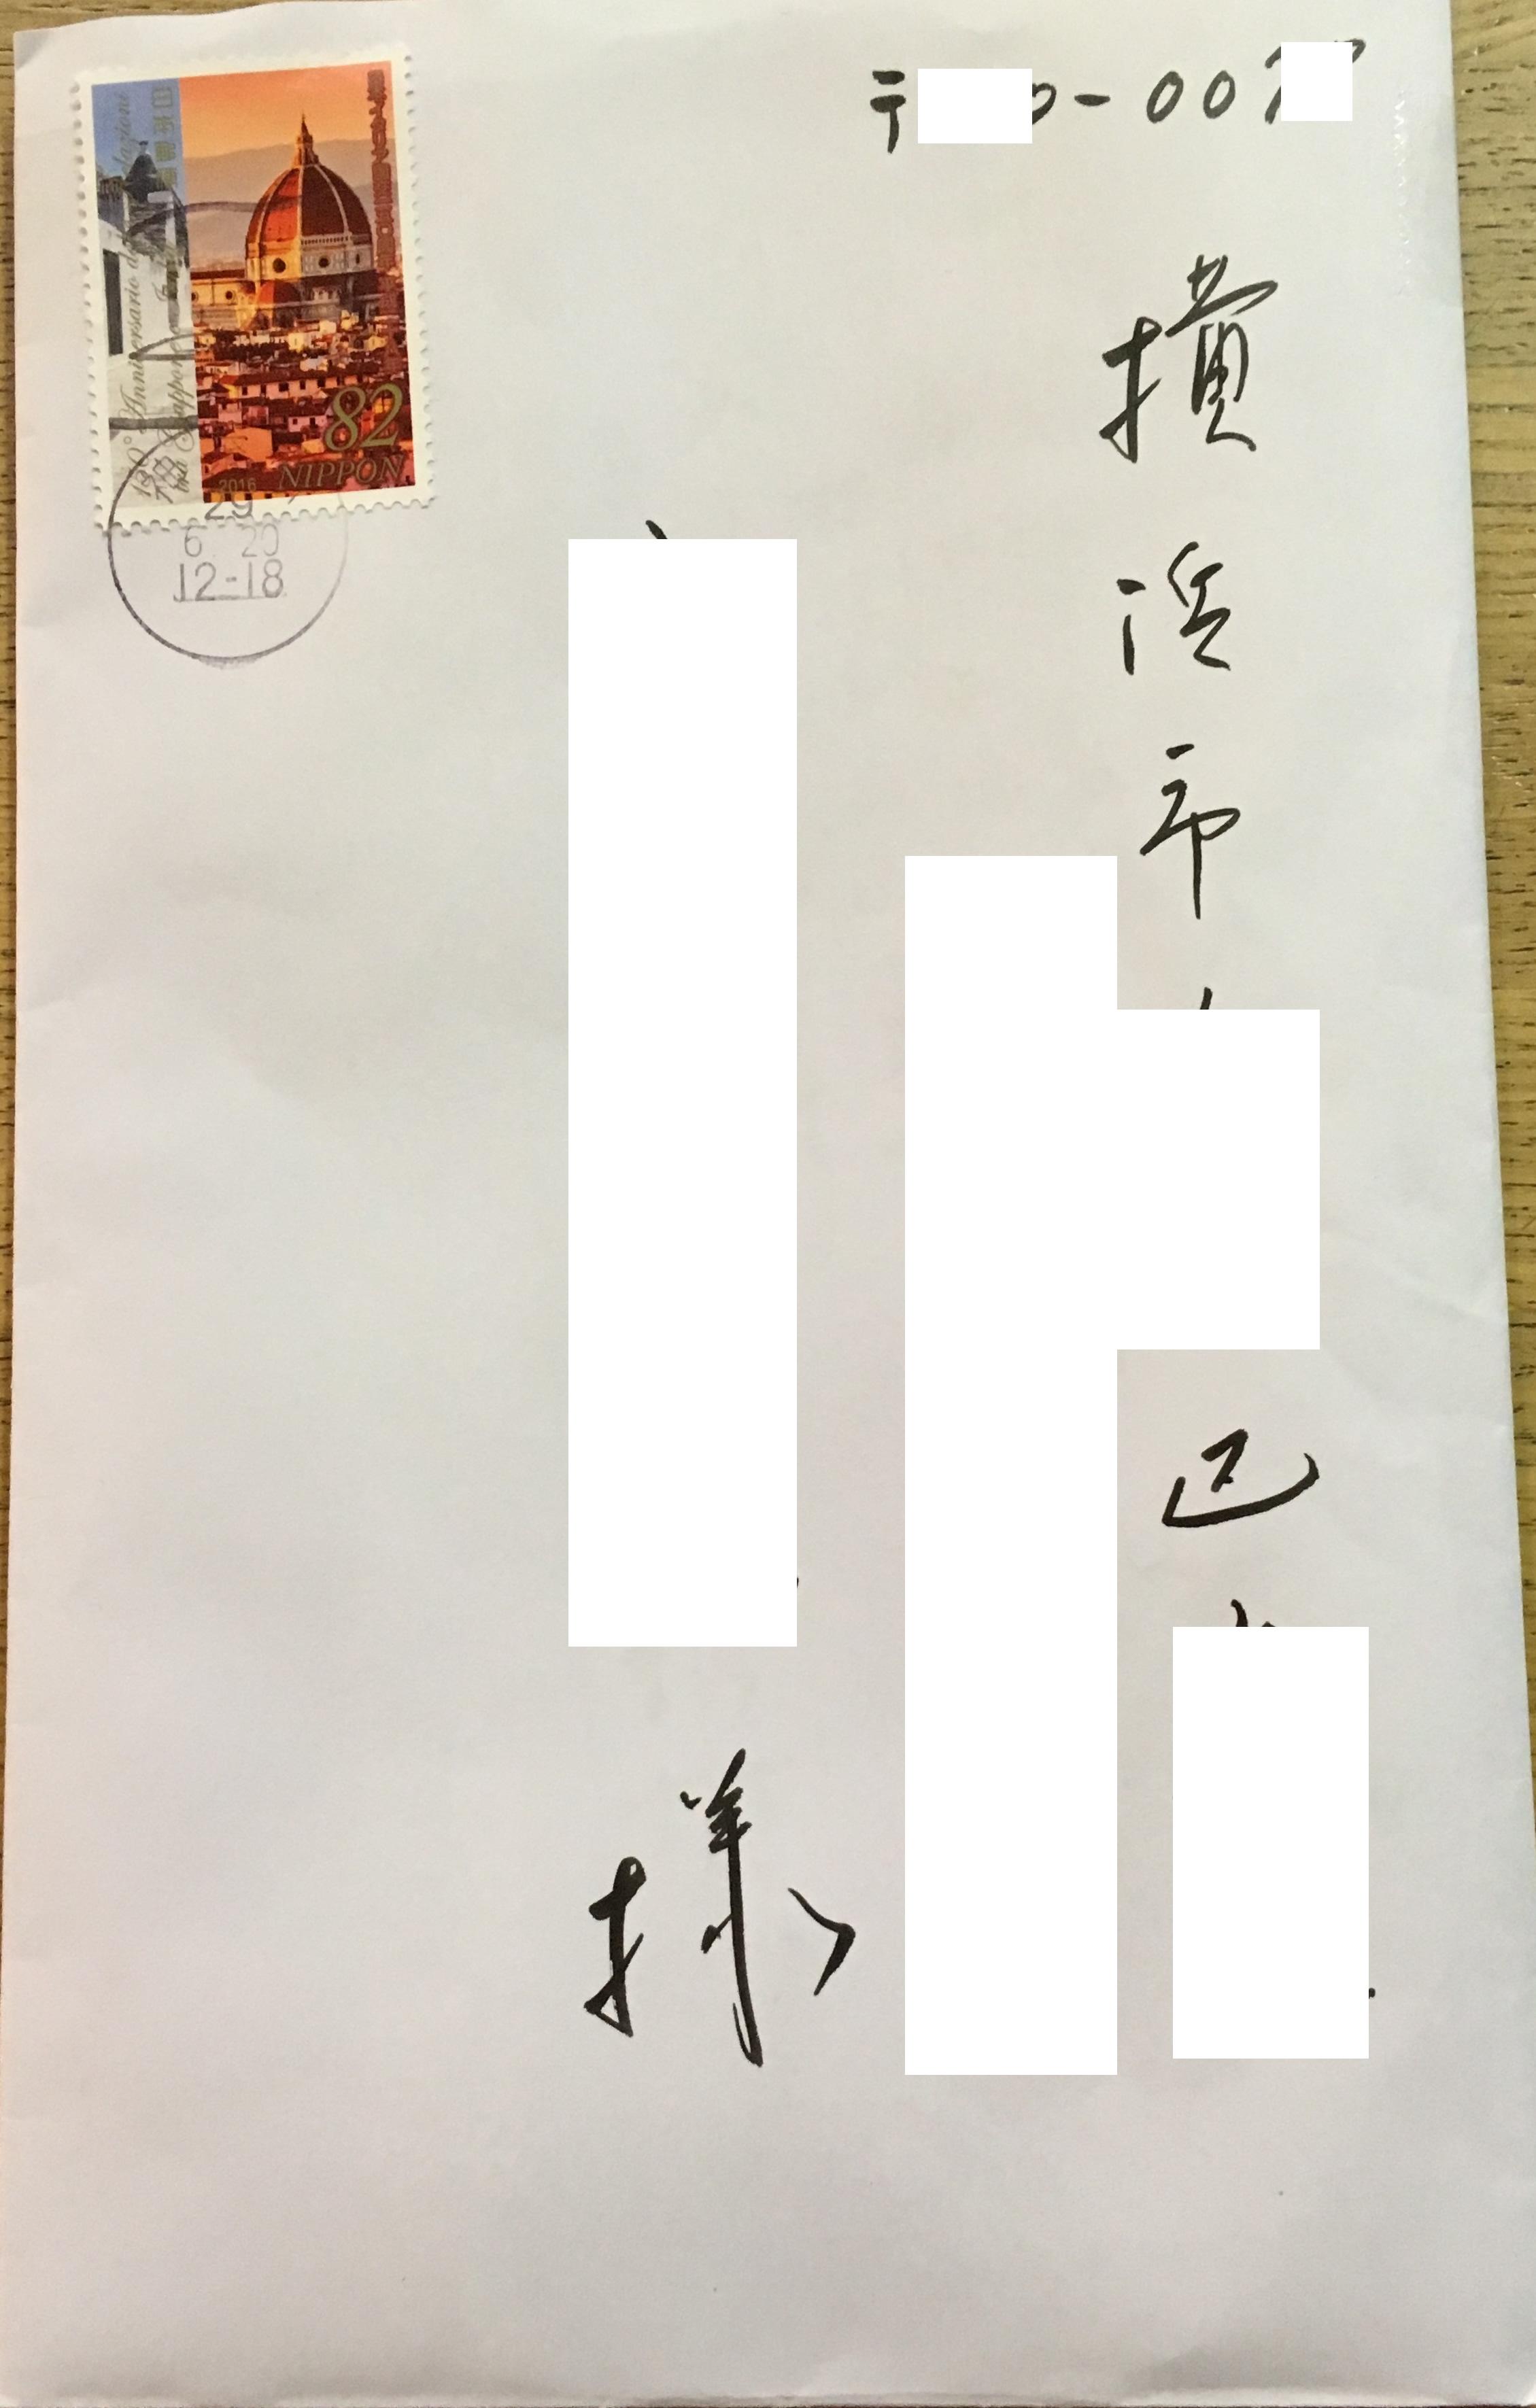 謎な封書が届きました | Praying...